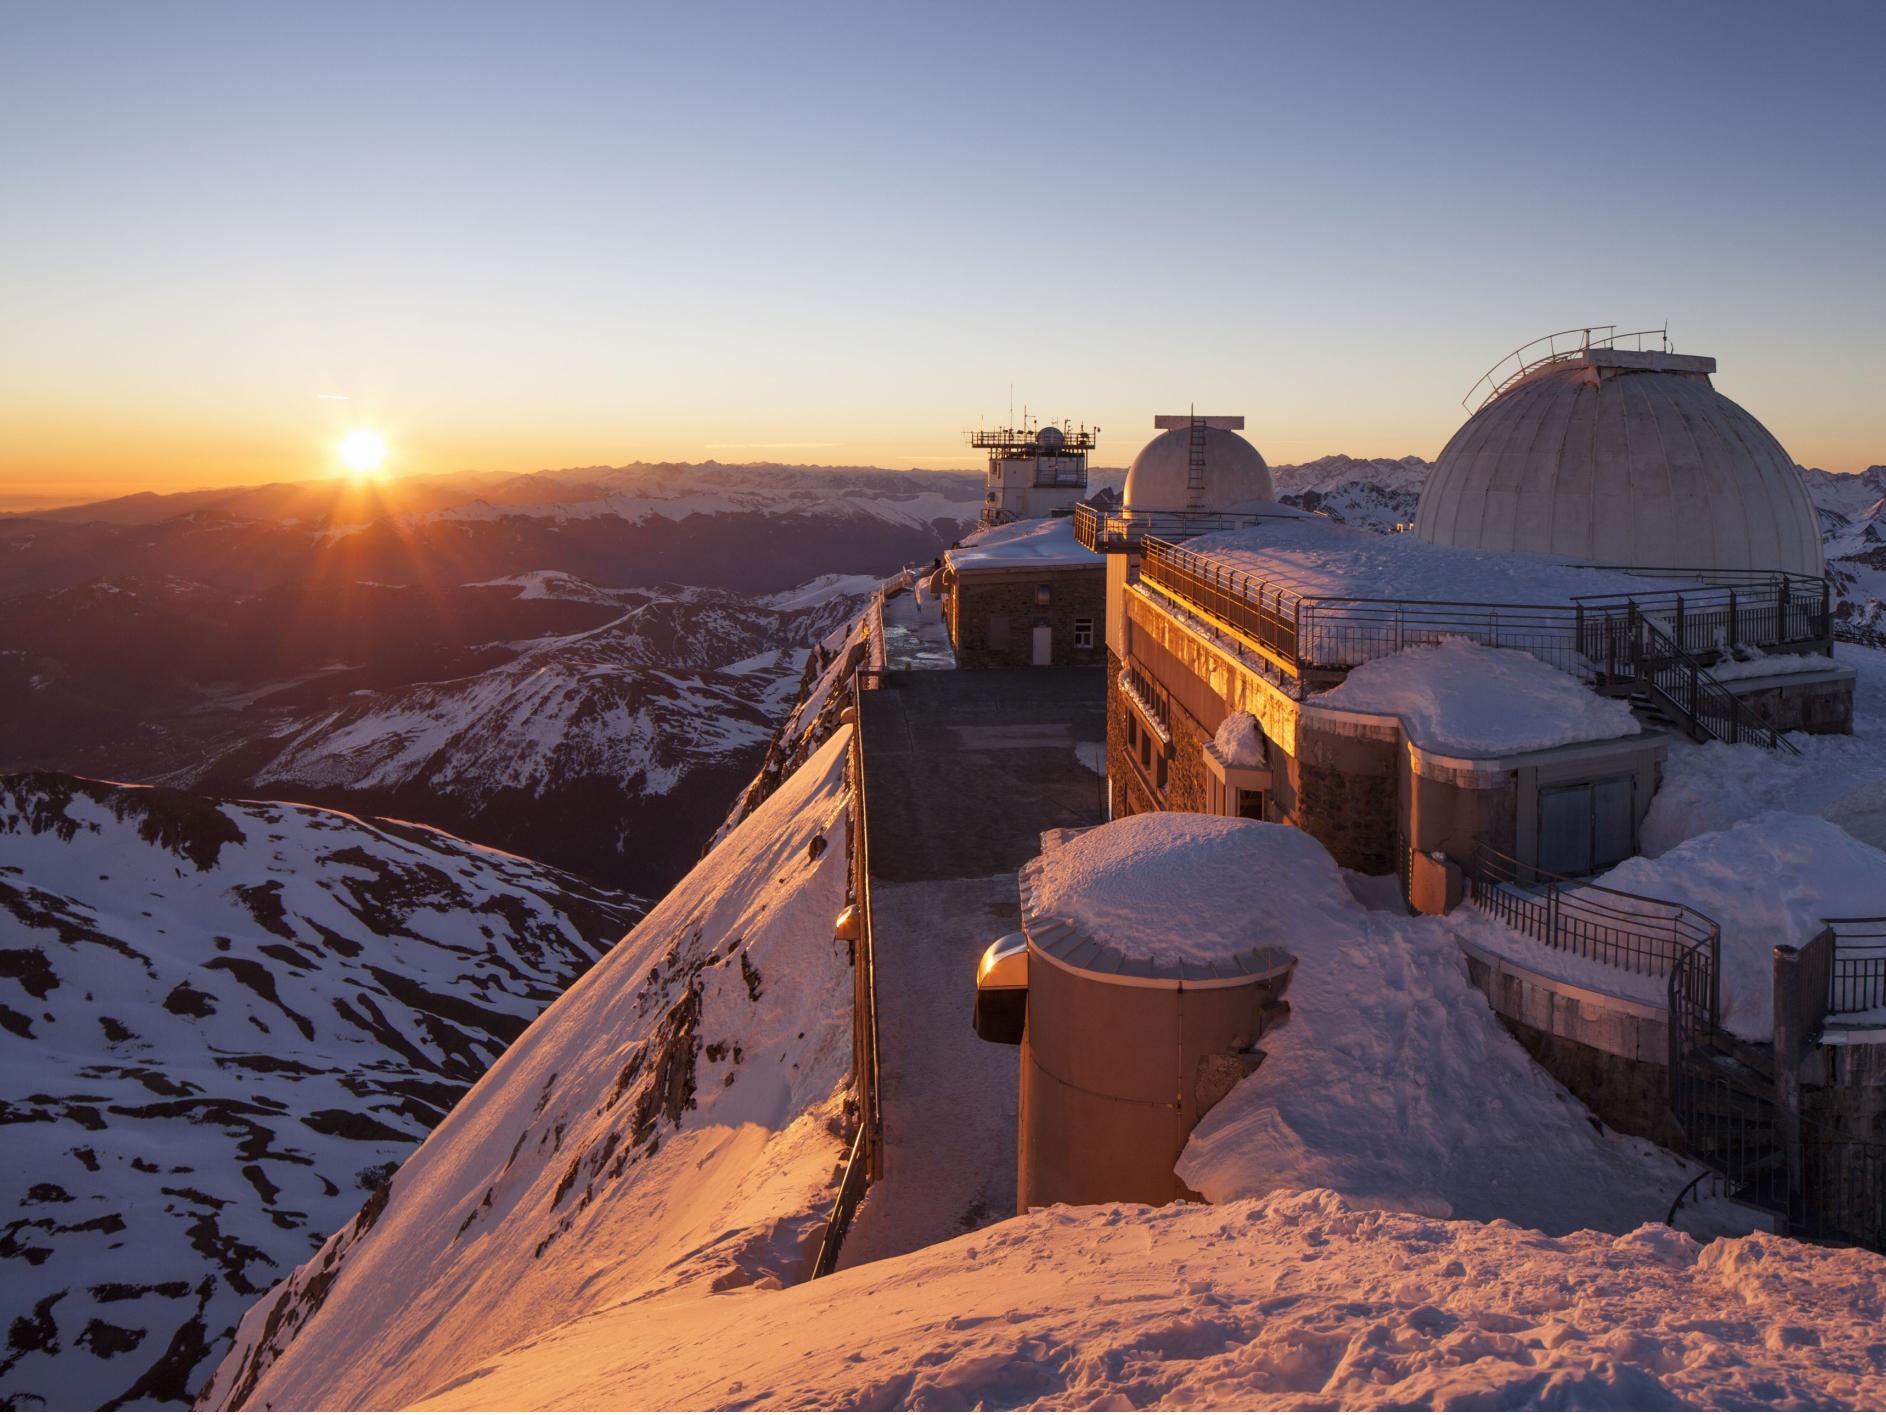 observatoire-du-pic-du-midi-de-bigorre-hautes-pyrenees